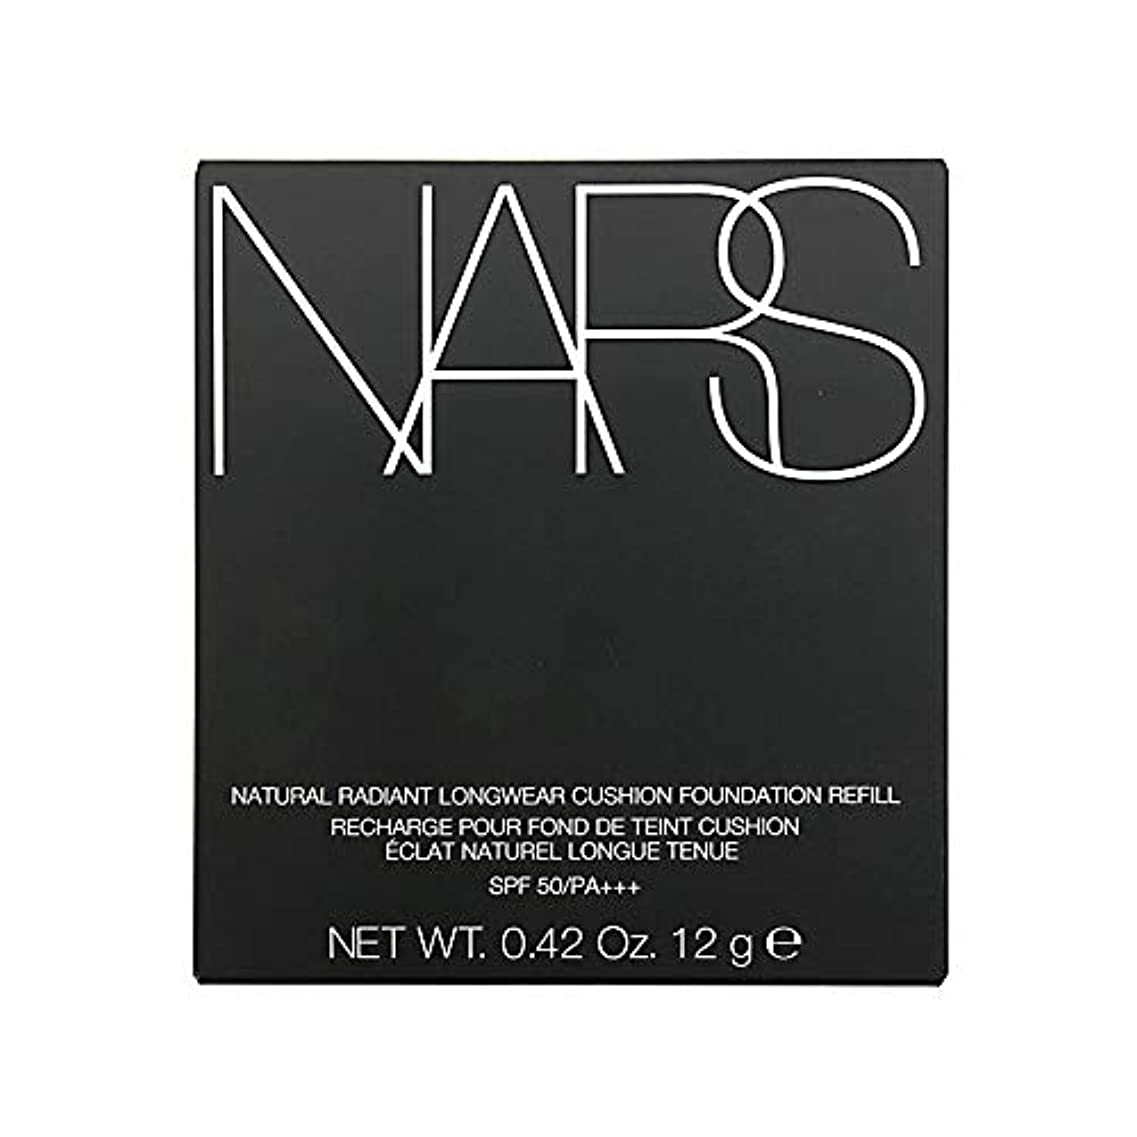 会議誰かスカートナーズ/NARS ナチュラルラディアント ロングウェア クッションファンデーション(レフィル)#5881 [ クッションファンデ ] [並行輸入品]